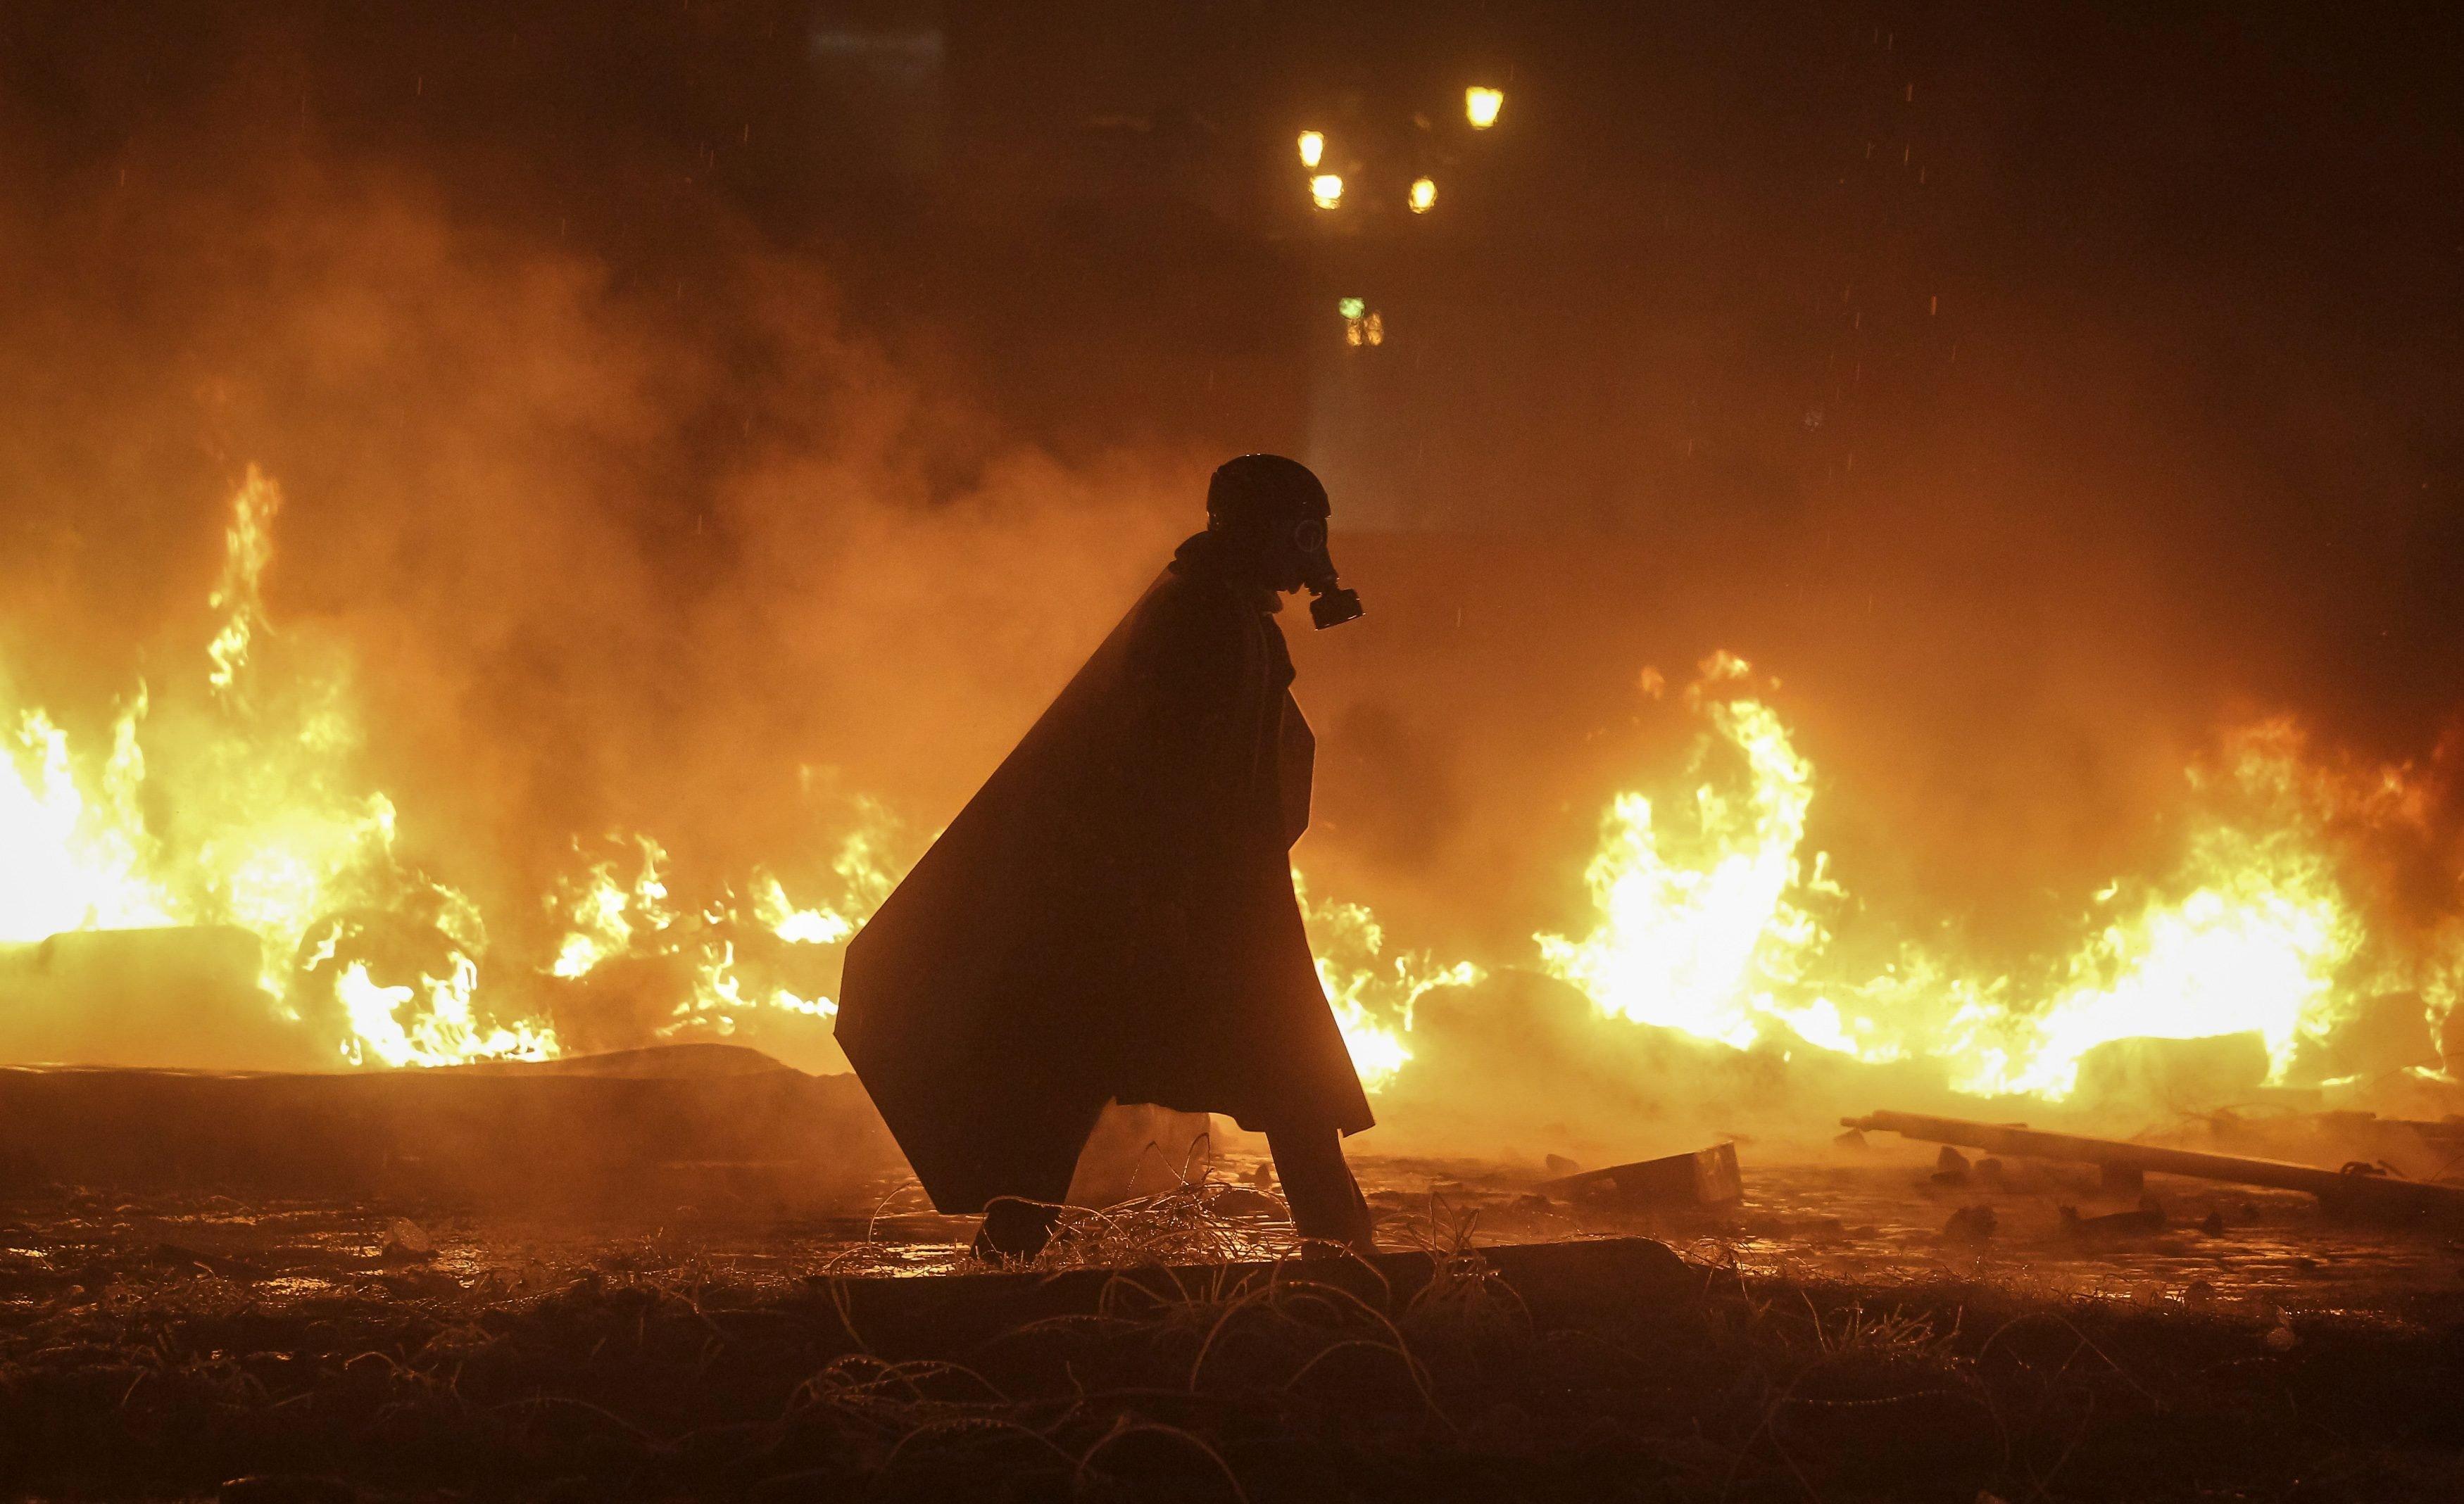 Ukraine, Gas masks, Fire Wallpaper